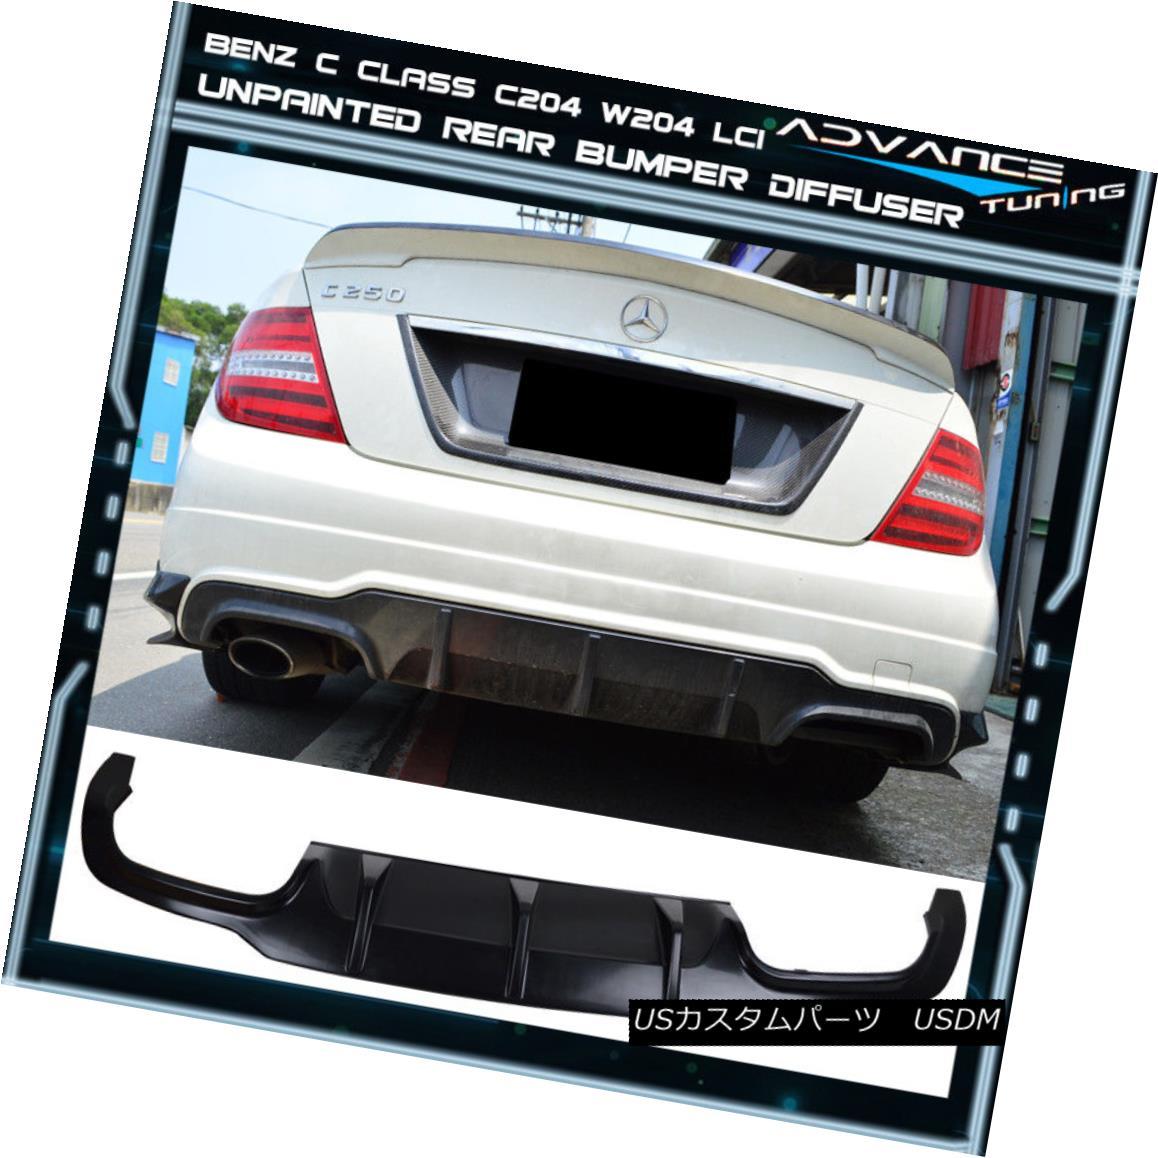 エアロパーツ 12-13 Mercedes Benz C Class C204 W204 LCI AMG Rear Bumper Lower Diffuser Valance 12-13メルセデスベンツCクラスC204 W204 LCI AMGリアバンパー下部ディフューザーバランス